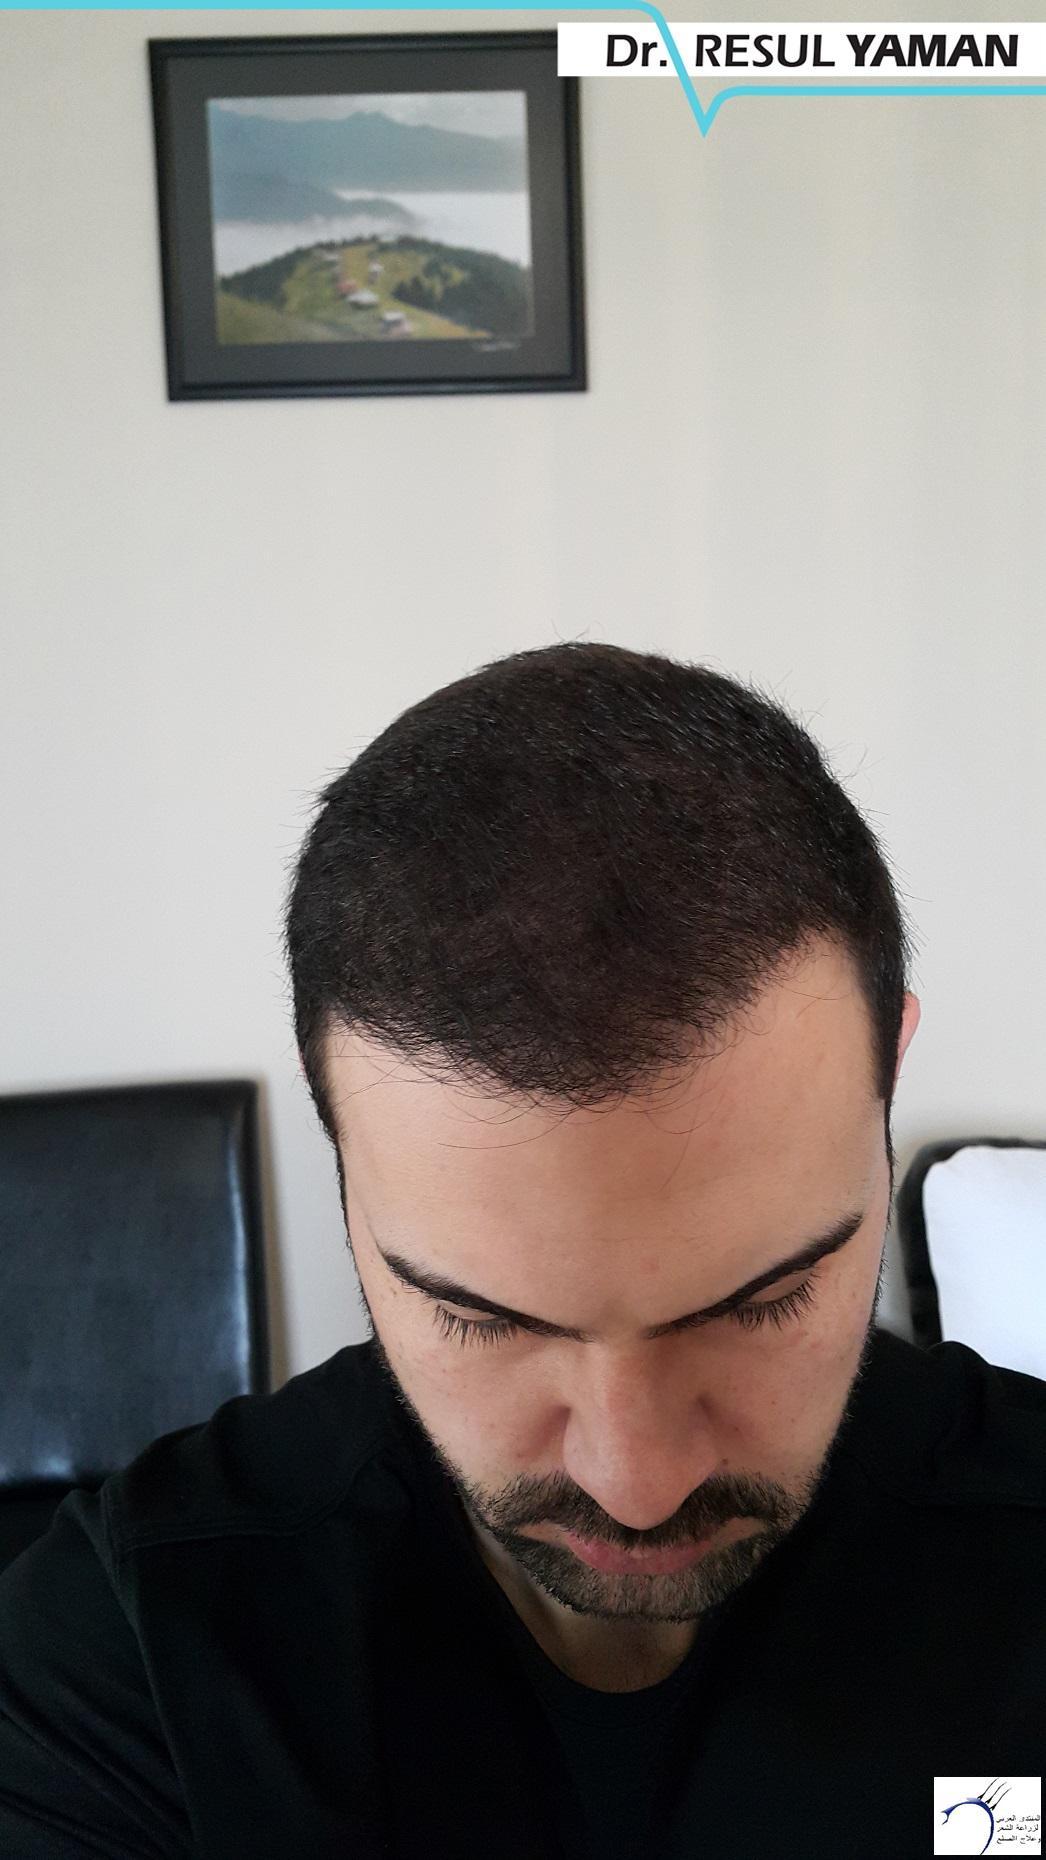 نتيجة زراعة 4600 بصيلة شهرا www.hairarab.com1094